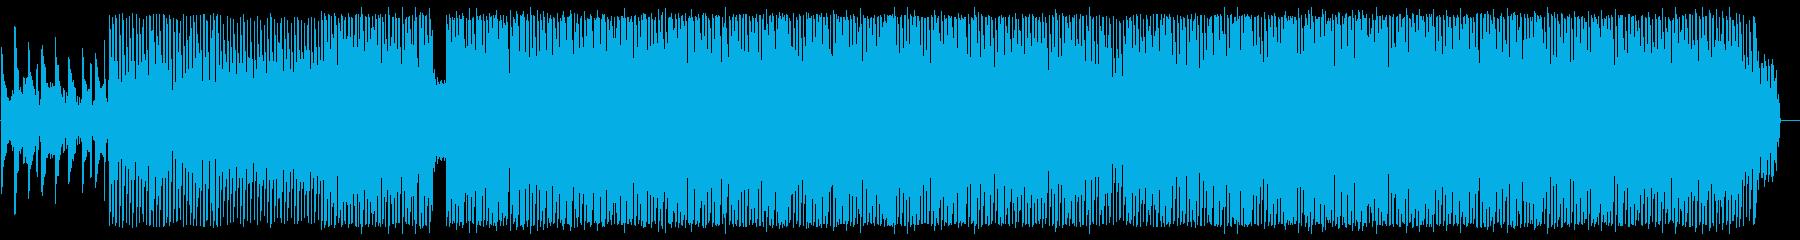 ピアノの旋律が美しいユーロ系テクノの再生済みの波形